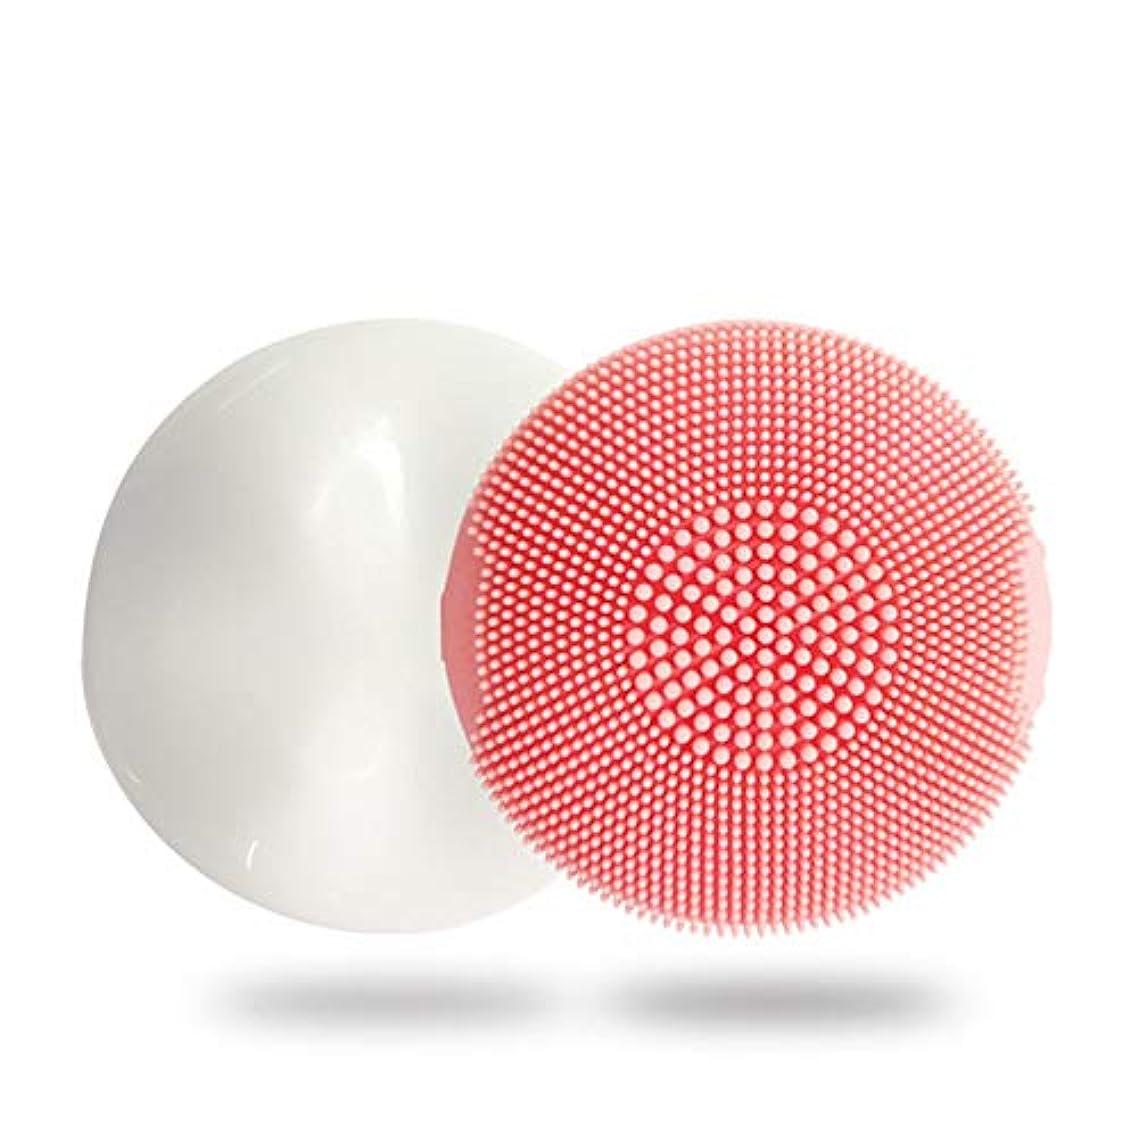 養うオーブン受け入れたZXF 新電動シリコーンクレンジングブラシディープクリーニングポア防水超音波振動クレンジング楽器マッサージ器具美容器具 滑らかである (色 : Pink)